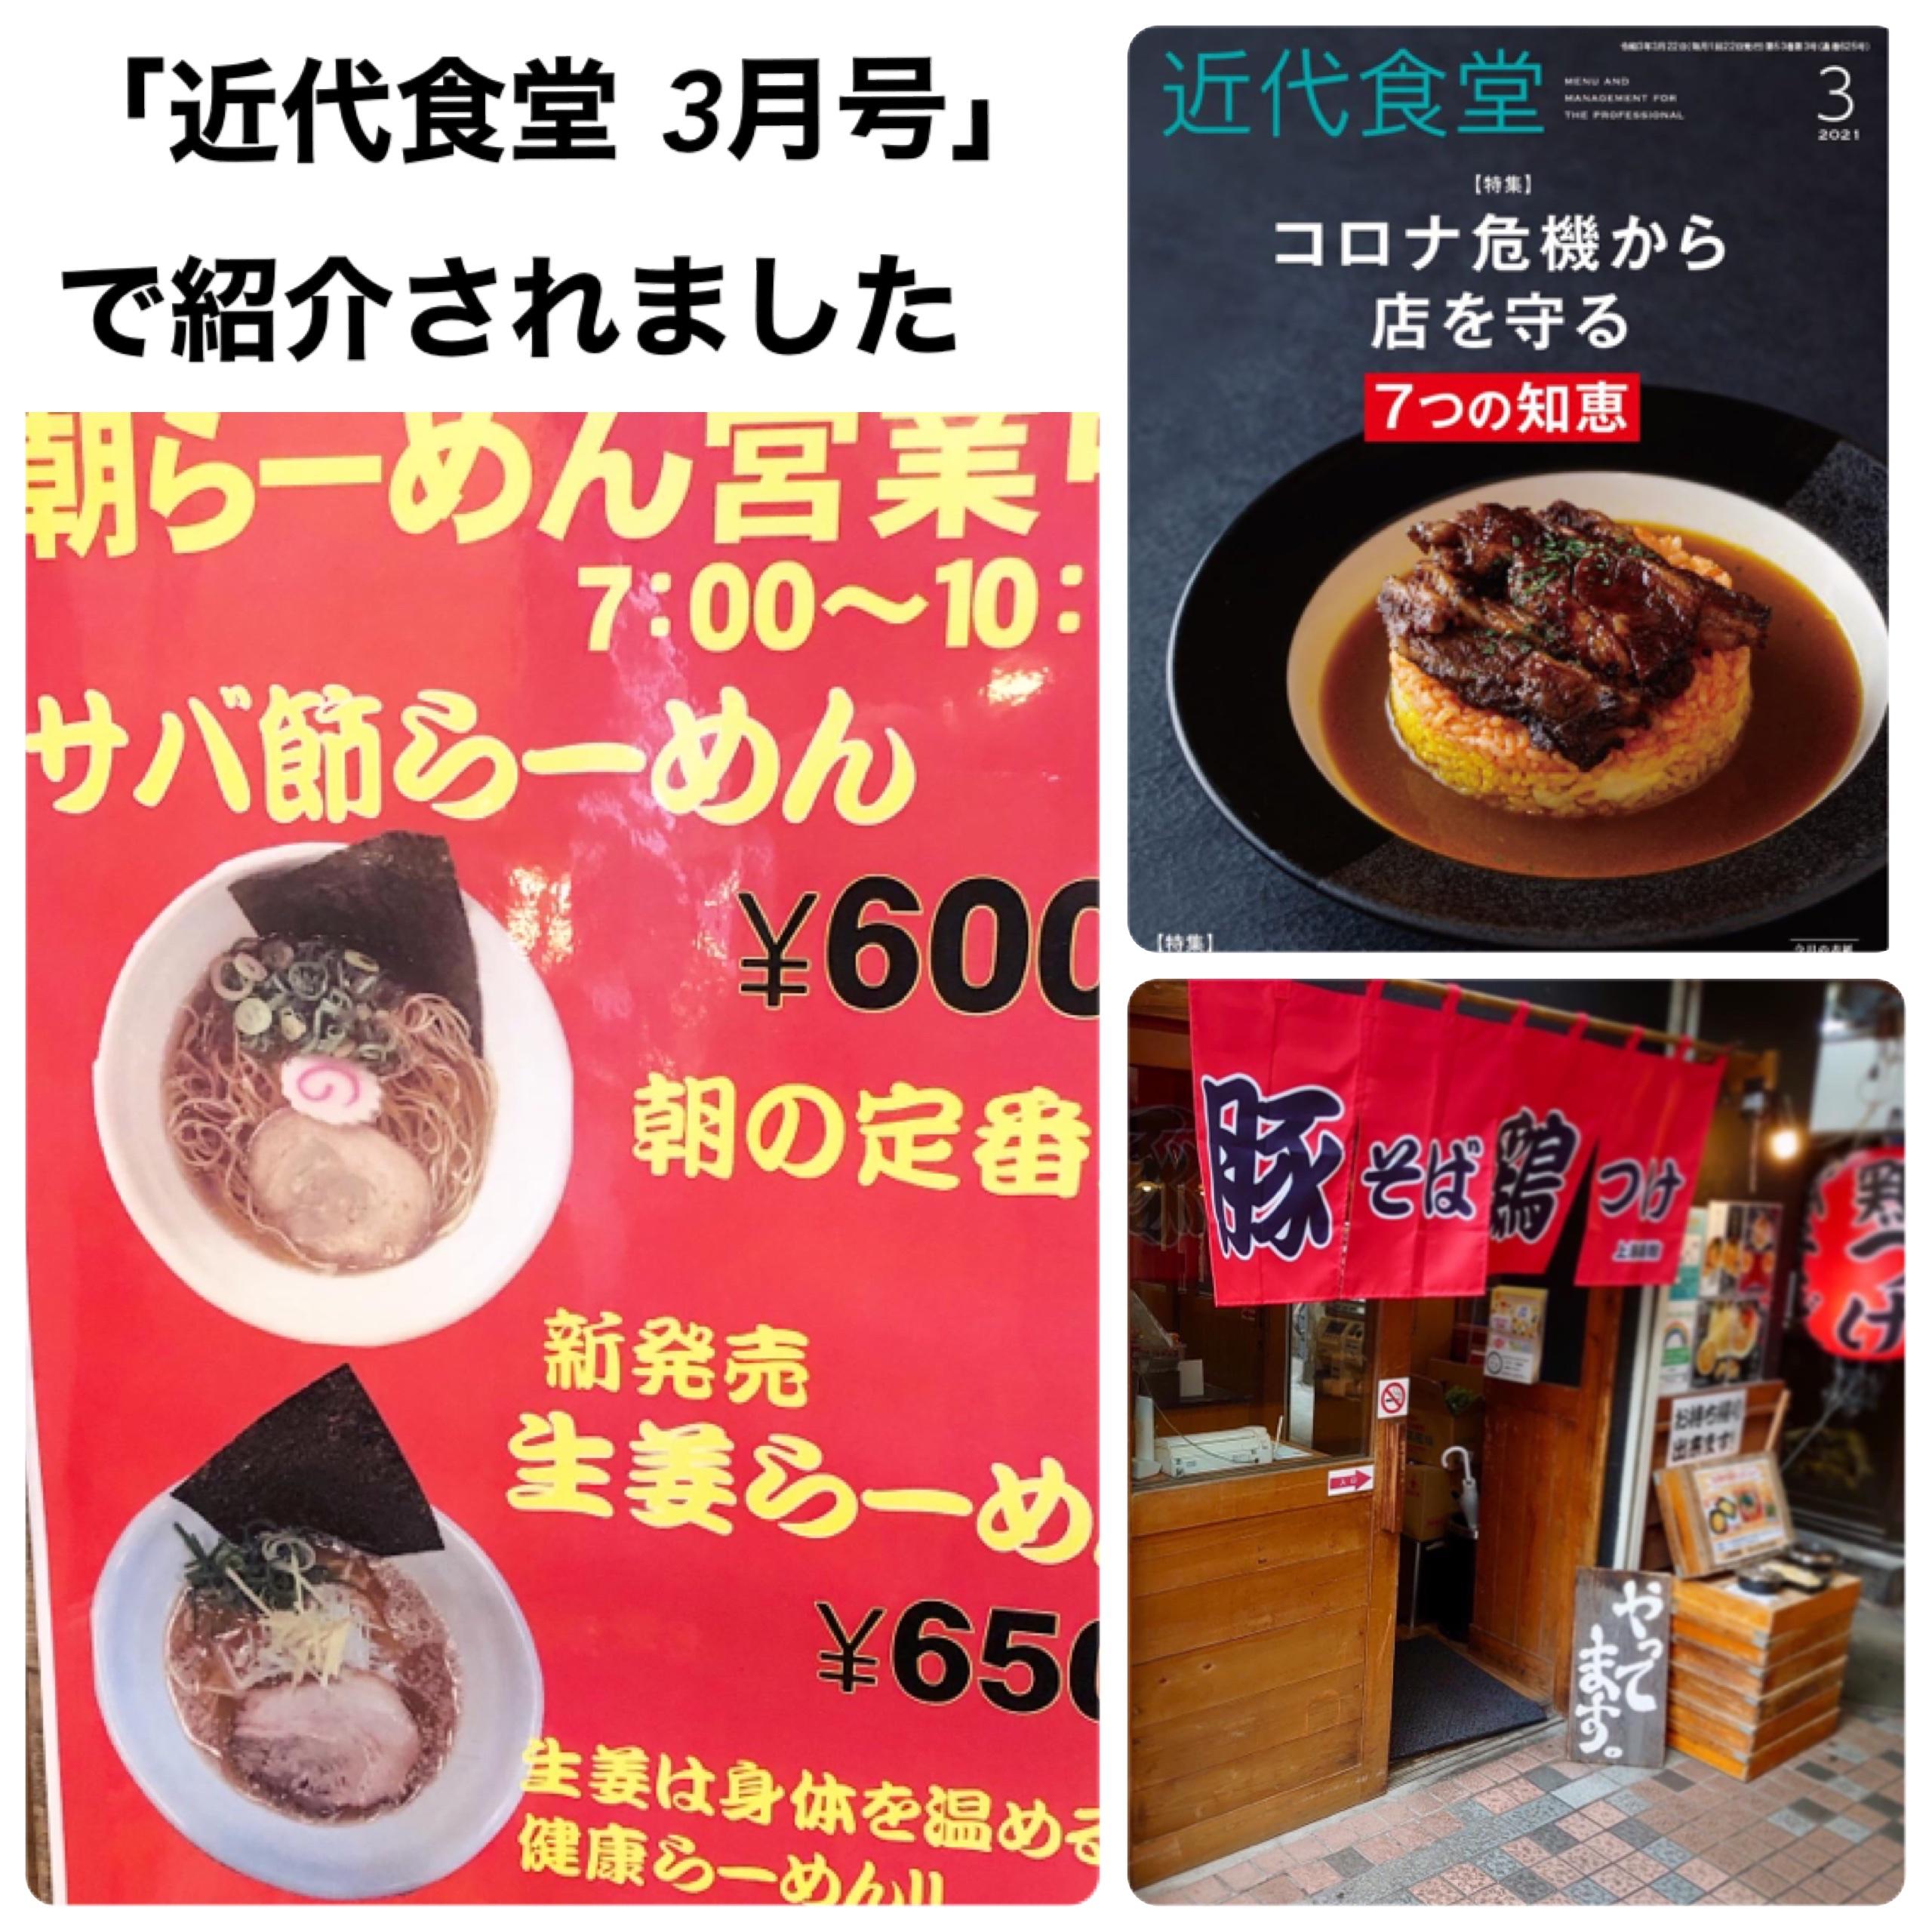 豚そば鶏つけそば専門店上海麺館 朝らーめんが「月刊近代食堂」で紹介されました